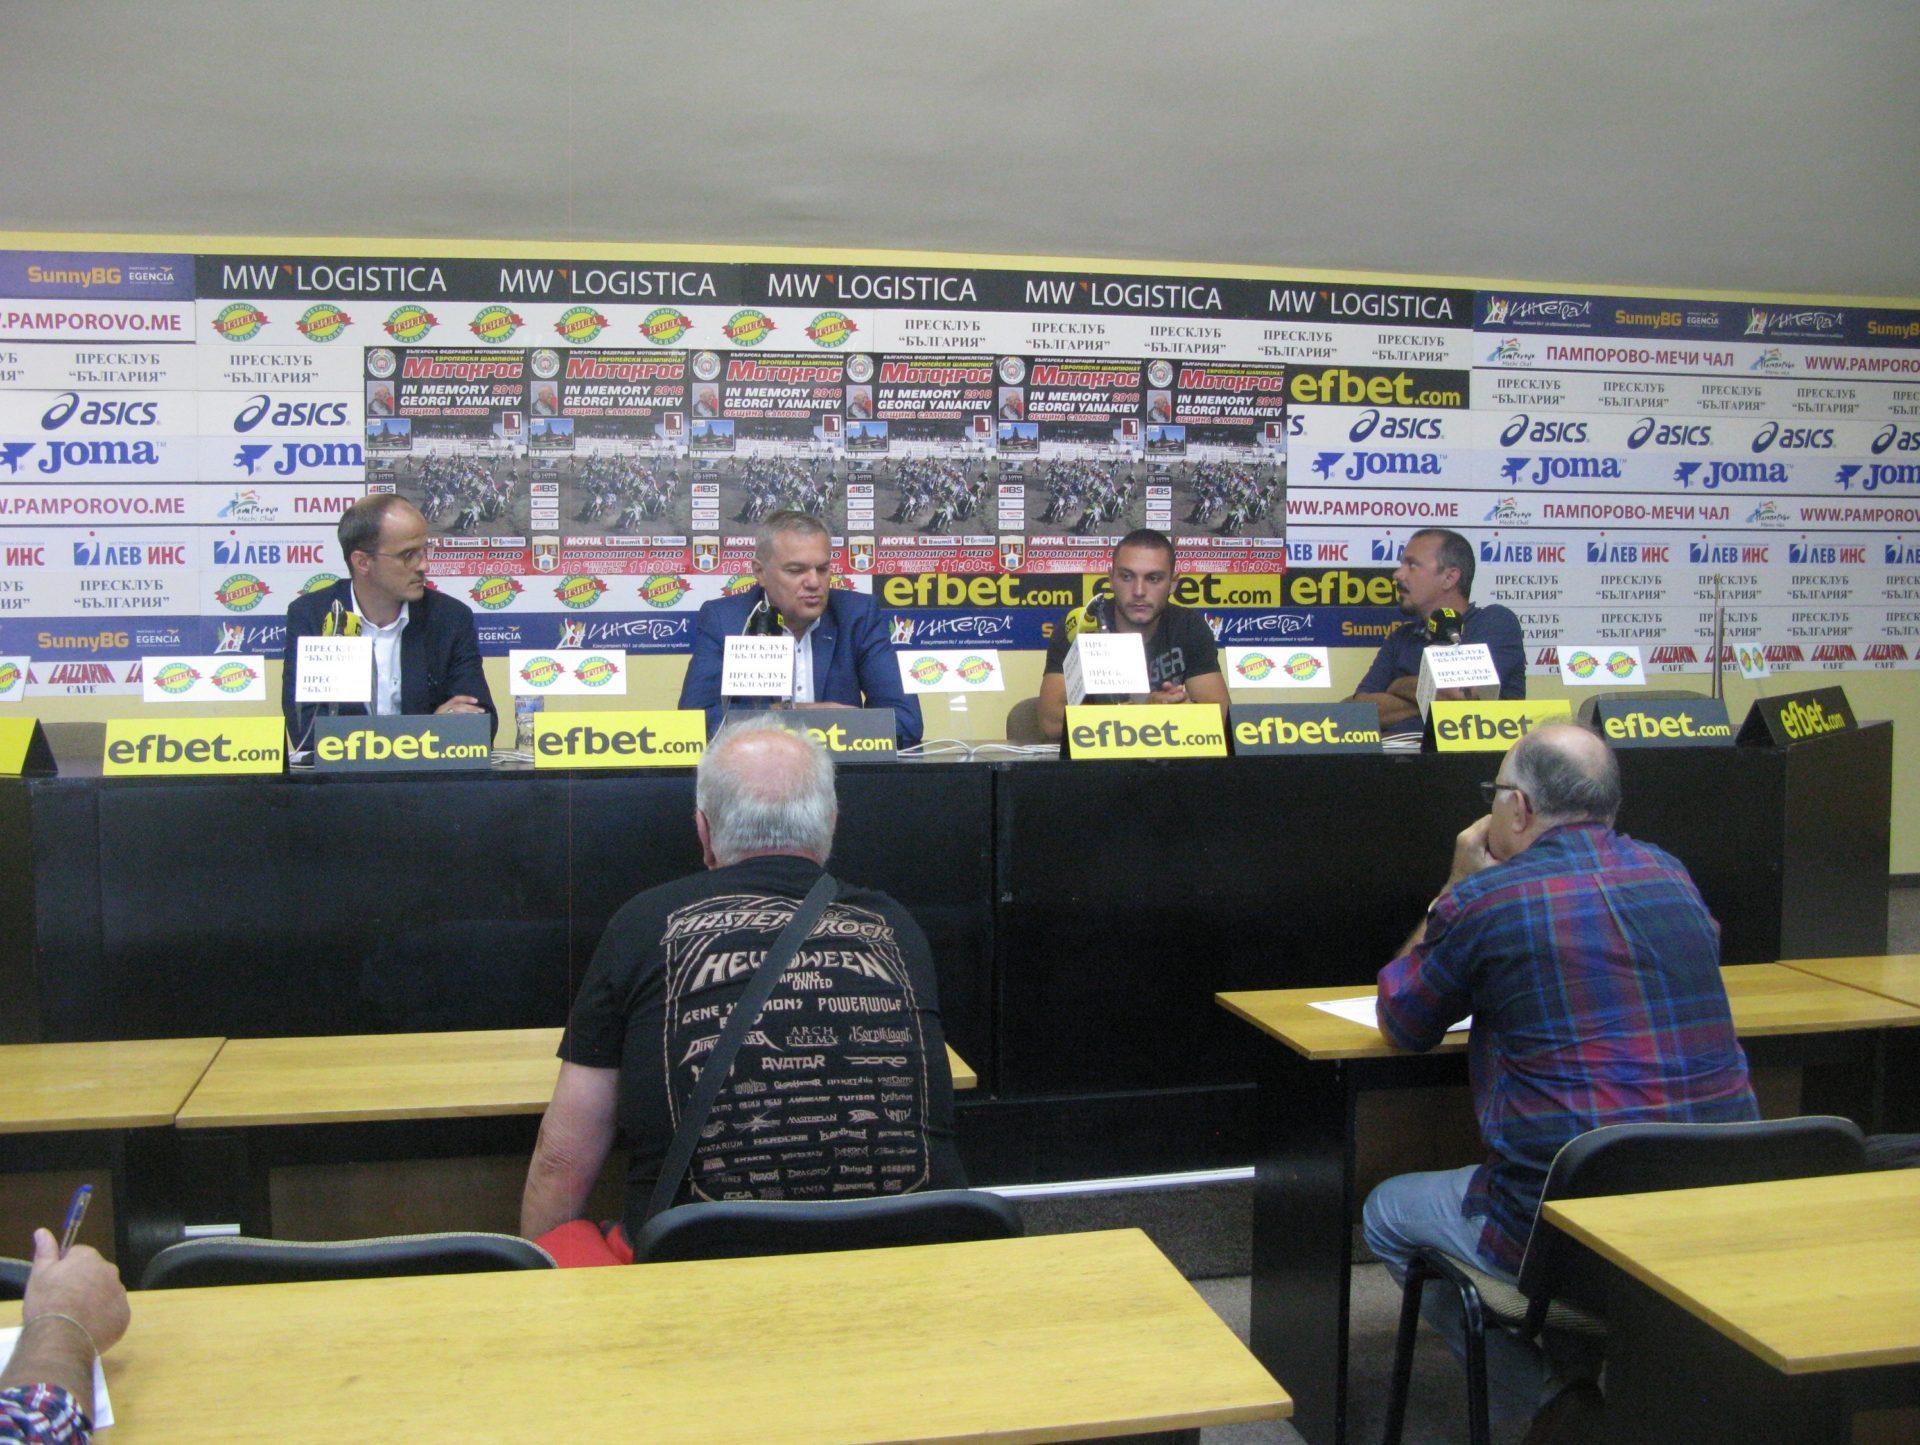 115 състезатели ще участват в Европейския шампионат по мотокрос в Самоков